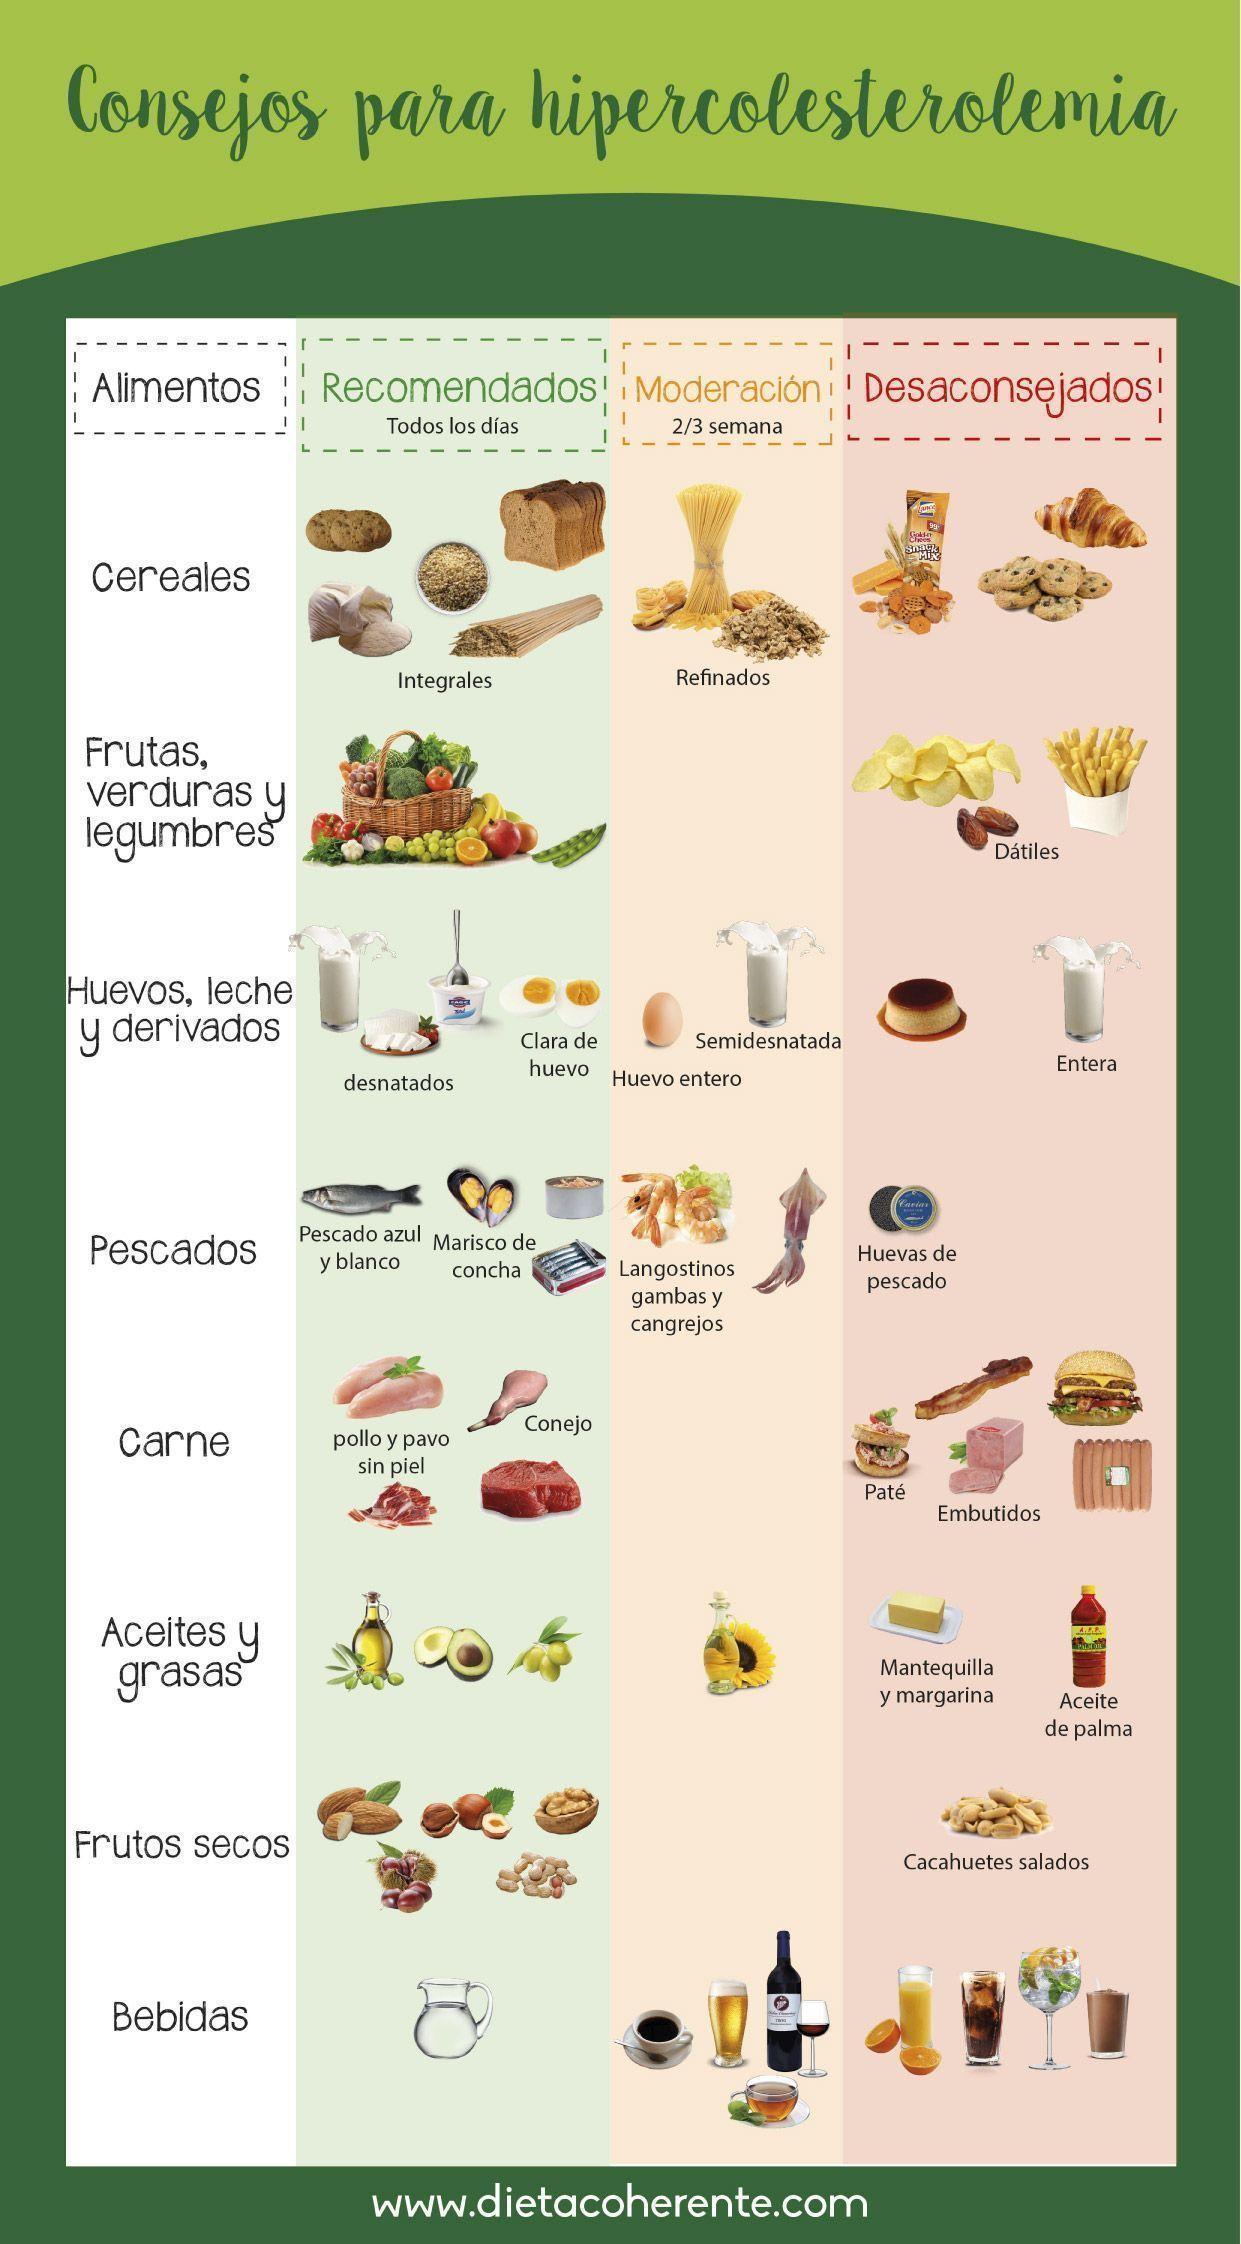 Dieta Para Colesterol Y Triglicéridos Altos Dieta Para El Colesterol Dieta Colesterol Dieta Para Trigliceridos